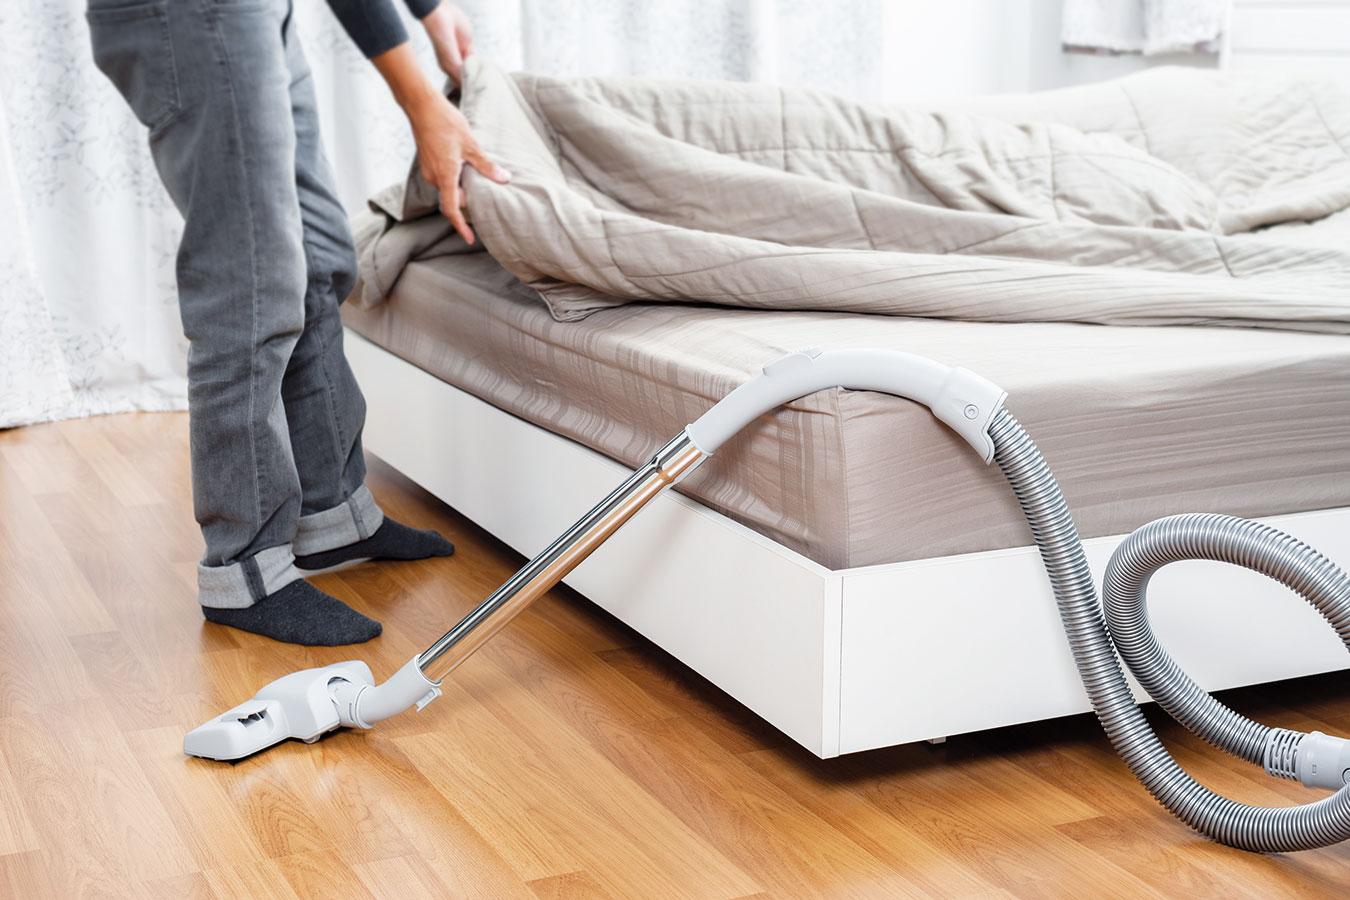 Vysávejte matraci při každém převlékání postele. Pokud je oboustranná, pravidelně ji otáčejte. Nekupujte zbytečně drahé produkty – nebude vám pak líto matrace častěji měnit. FOTO ISIFA/ SHUTTERSTOCK